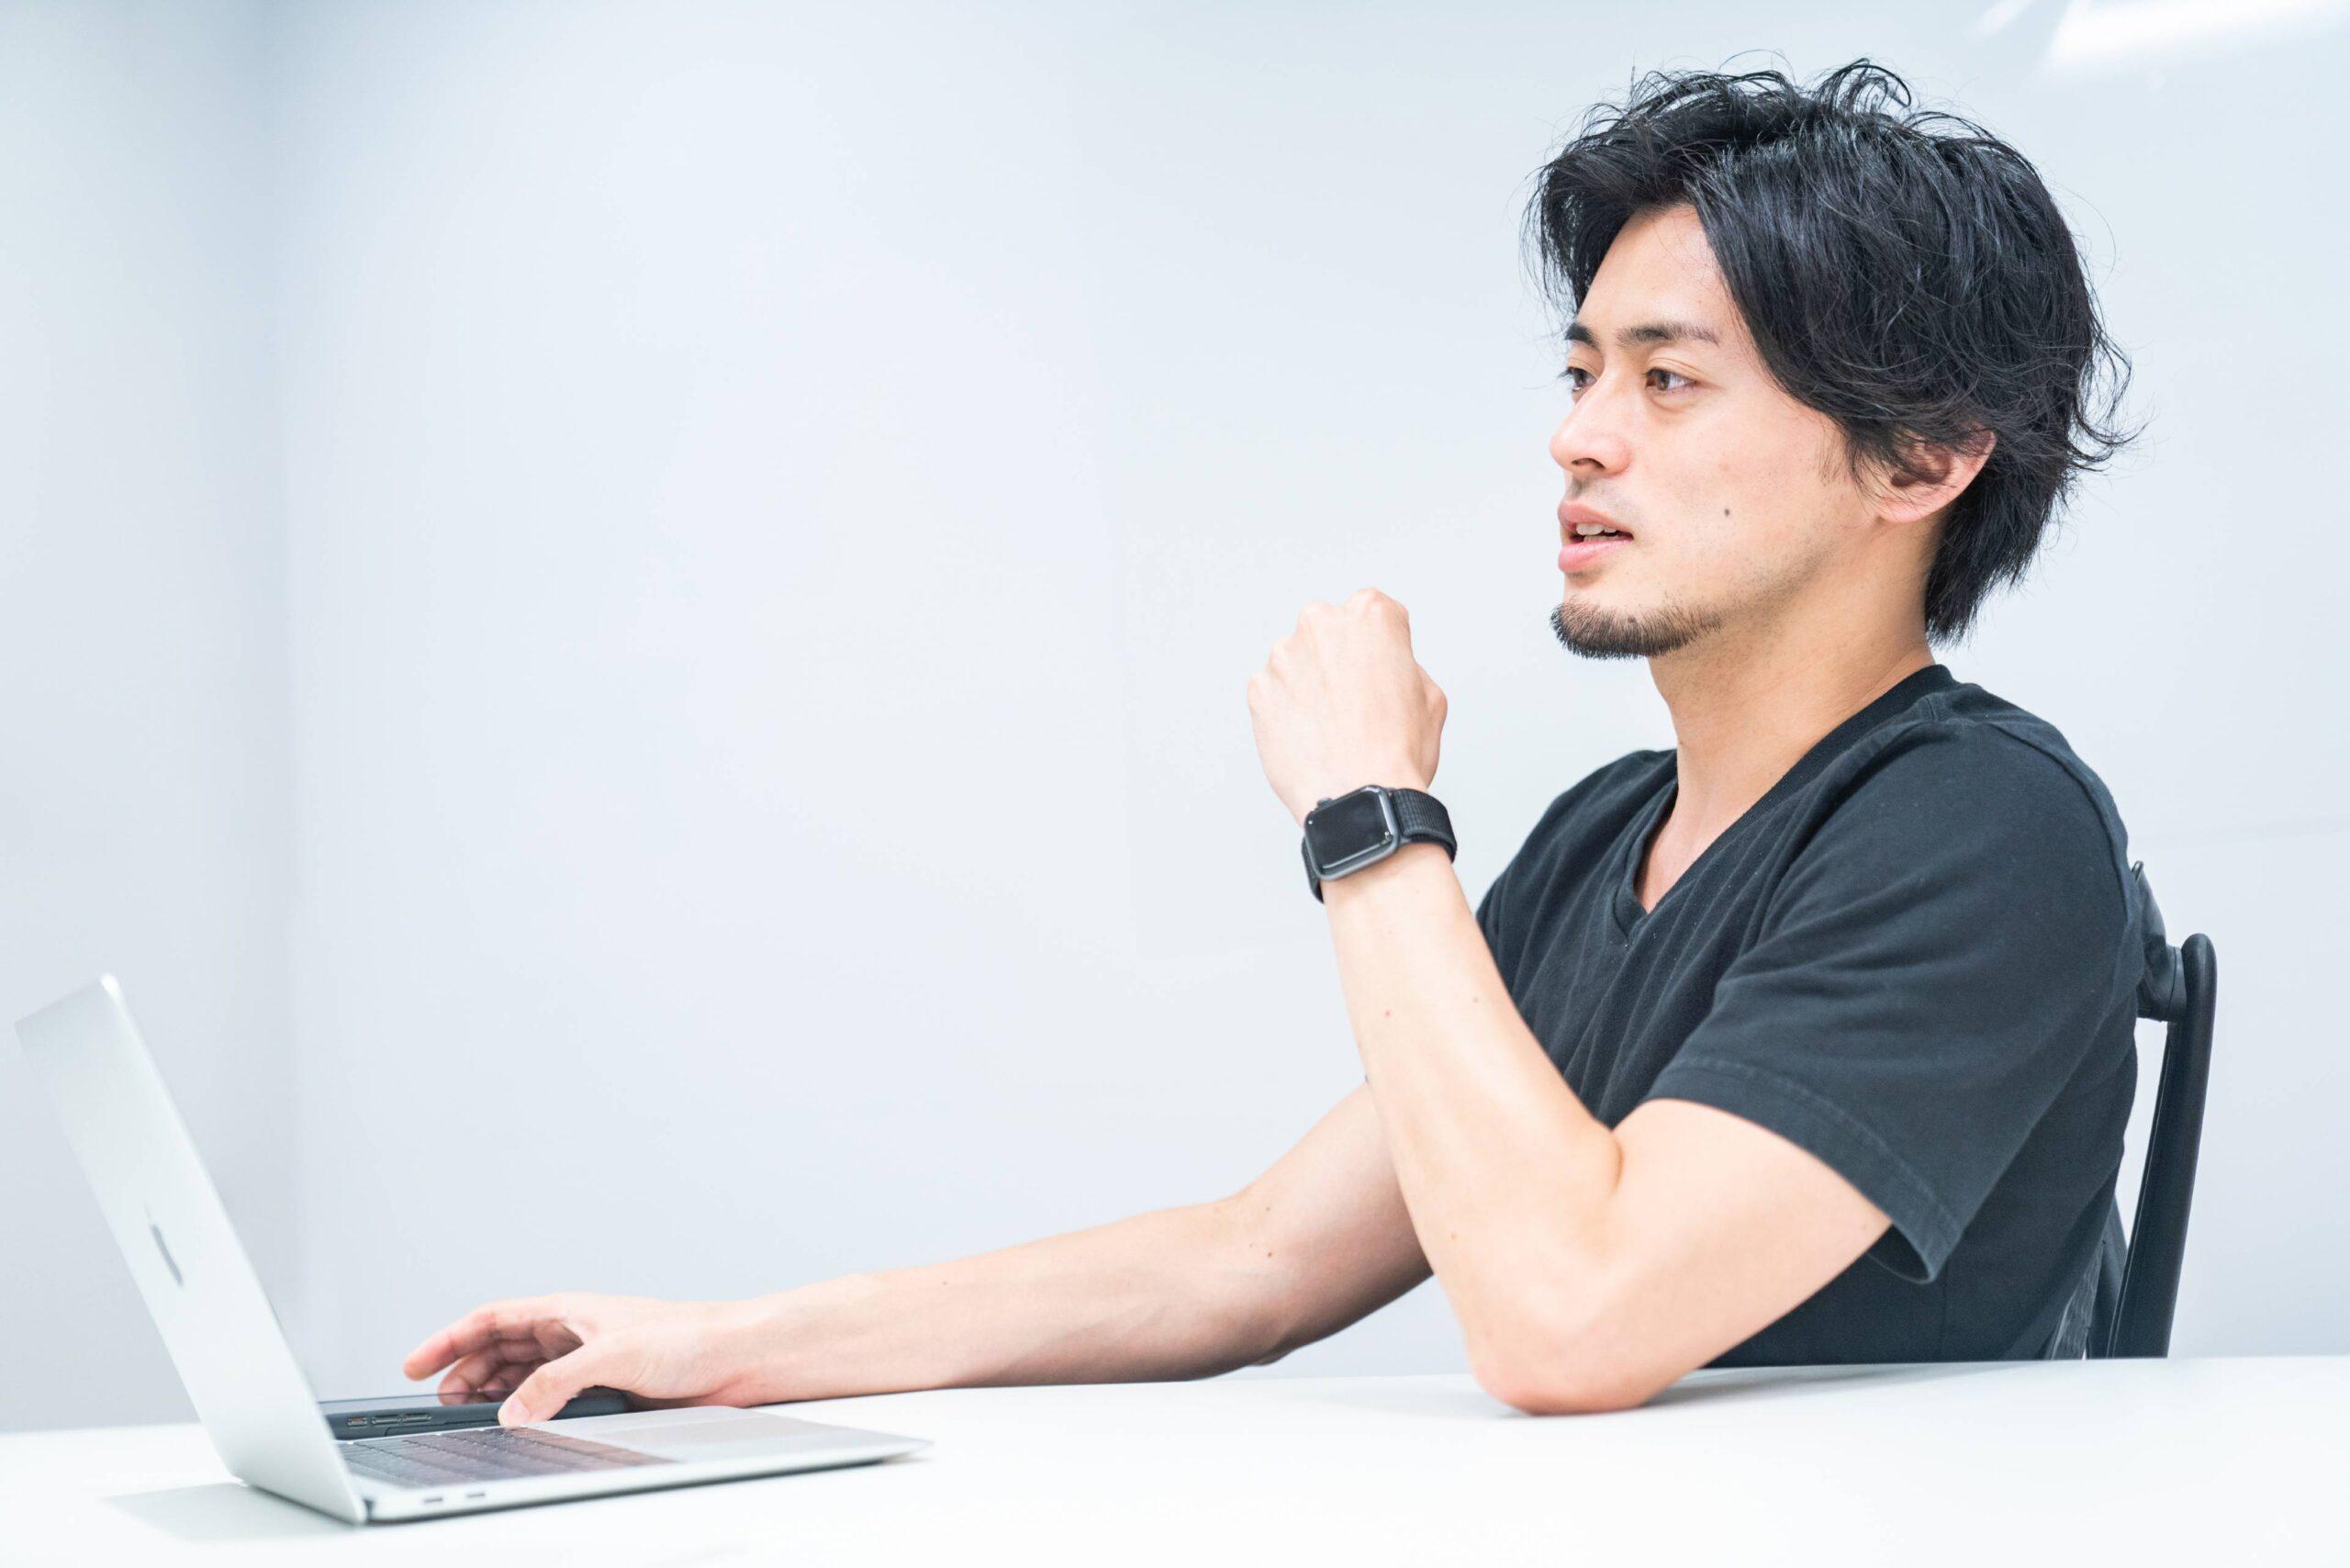 アライドアーキテクツ株式会社 村岡弥真人氏 インタビュー画像